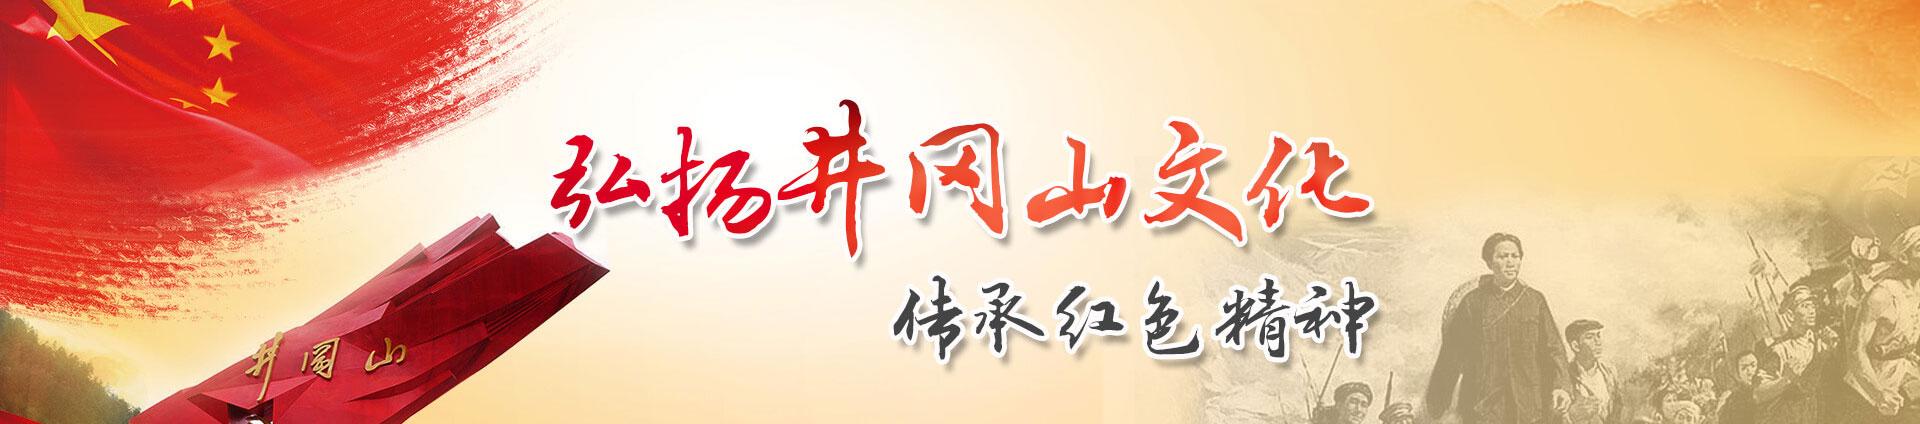 井冈山红色文化教育红色教育培训